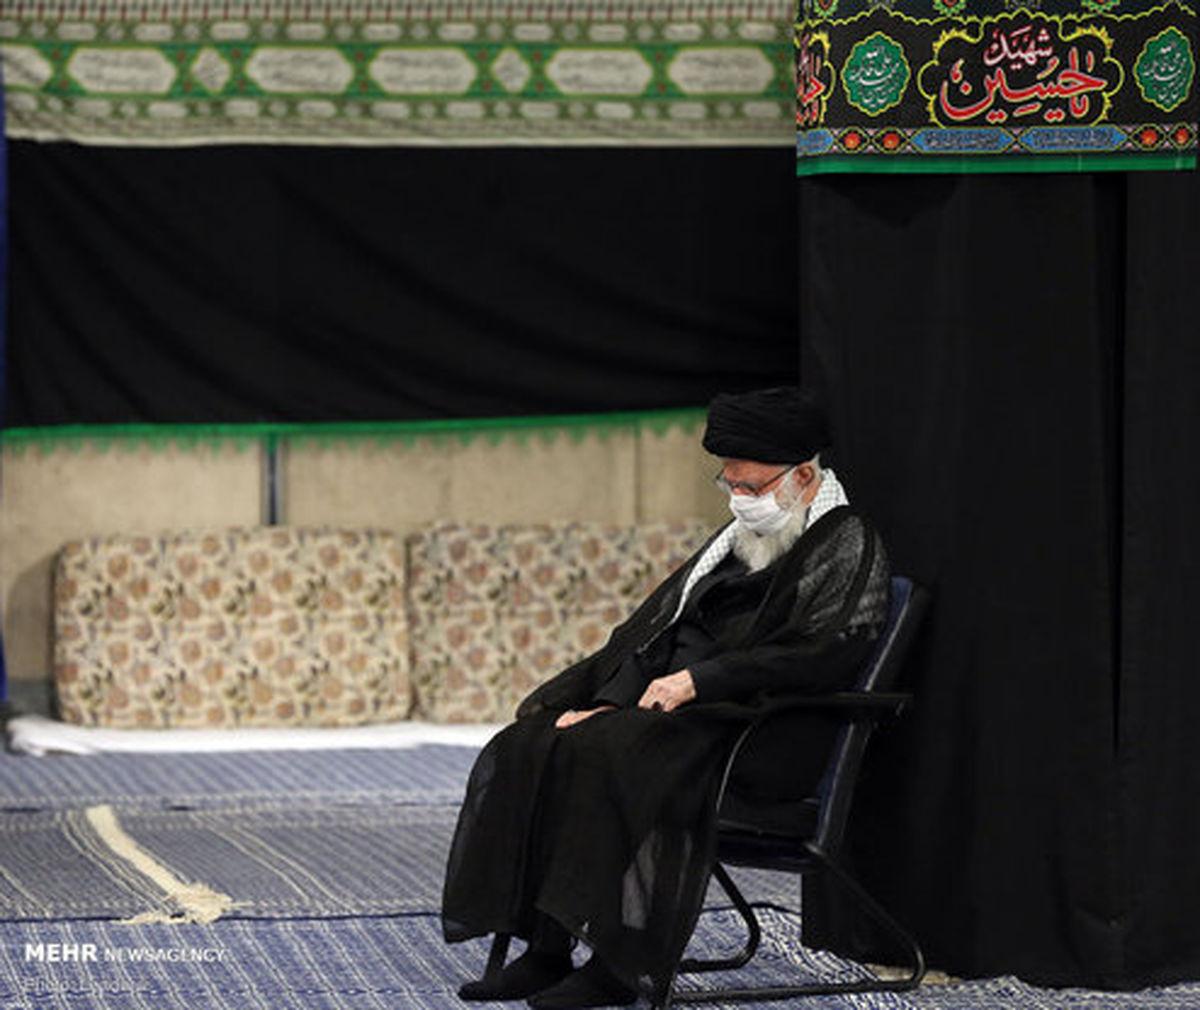 تصاویر: مراسم عزاداری شب هشتم محرم در حسینیه امام (ره)